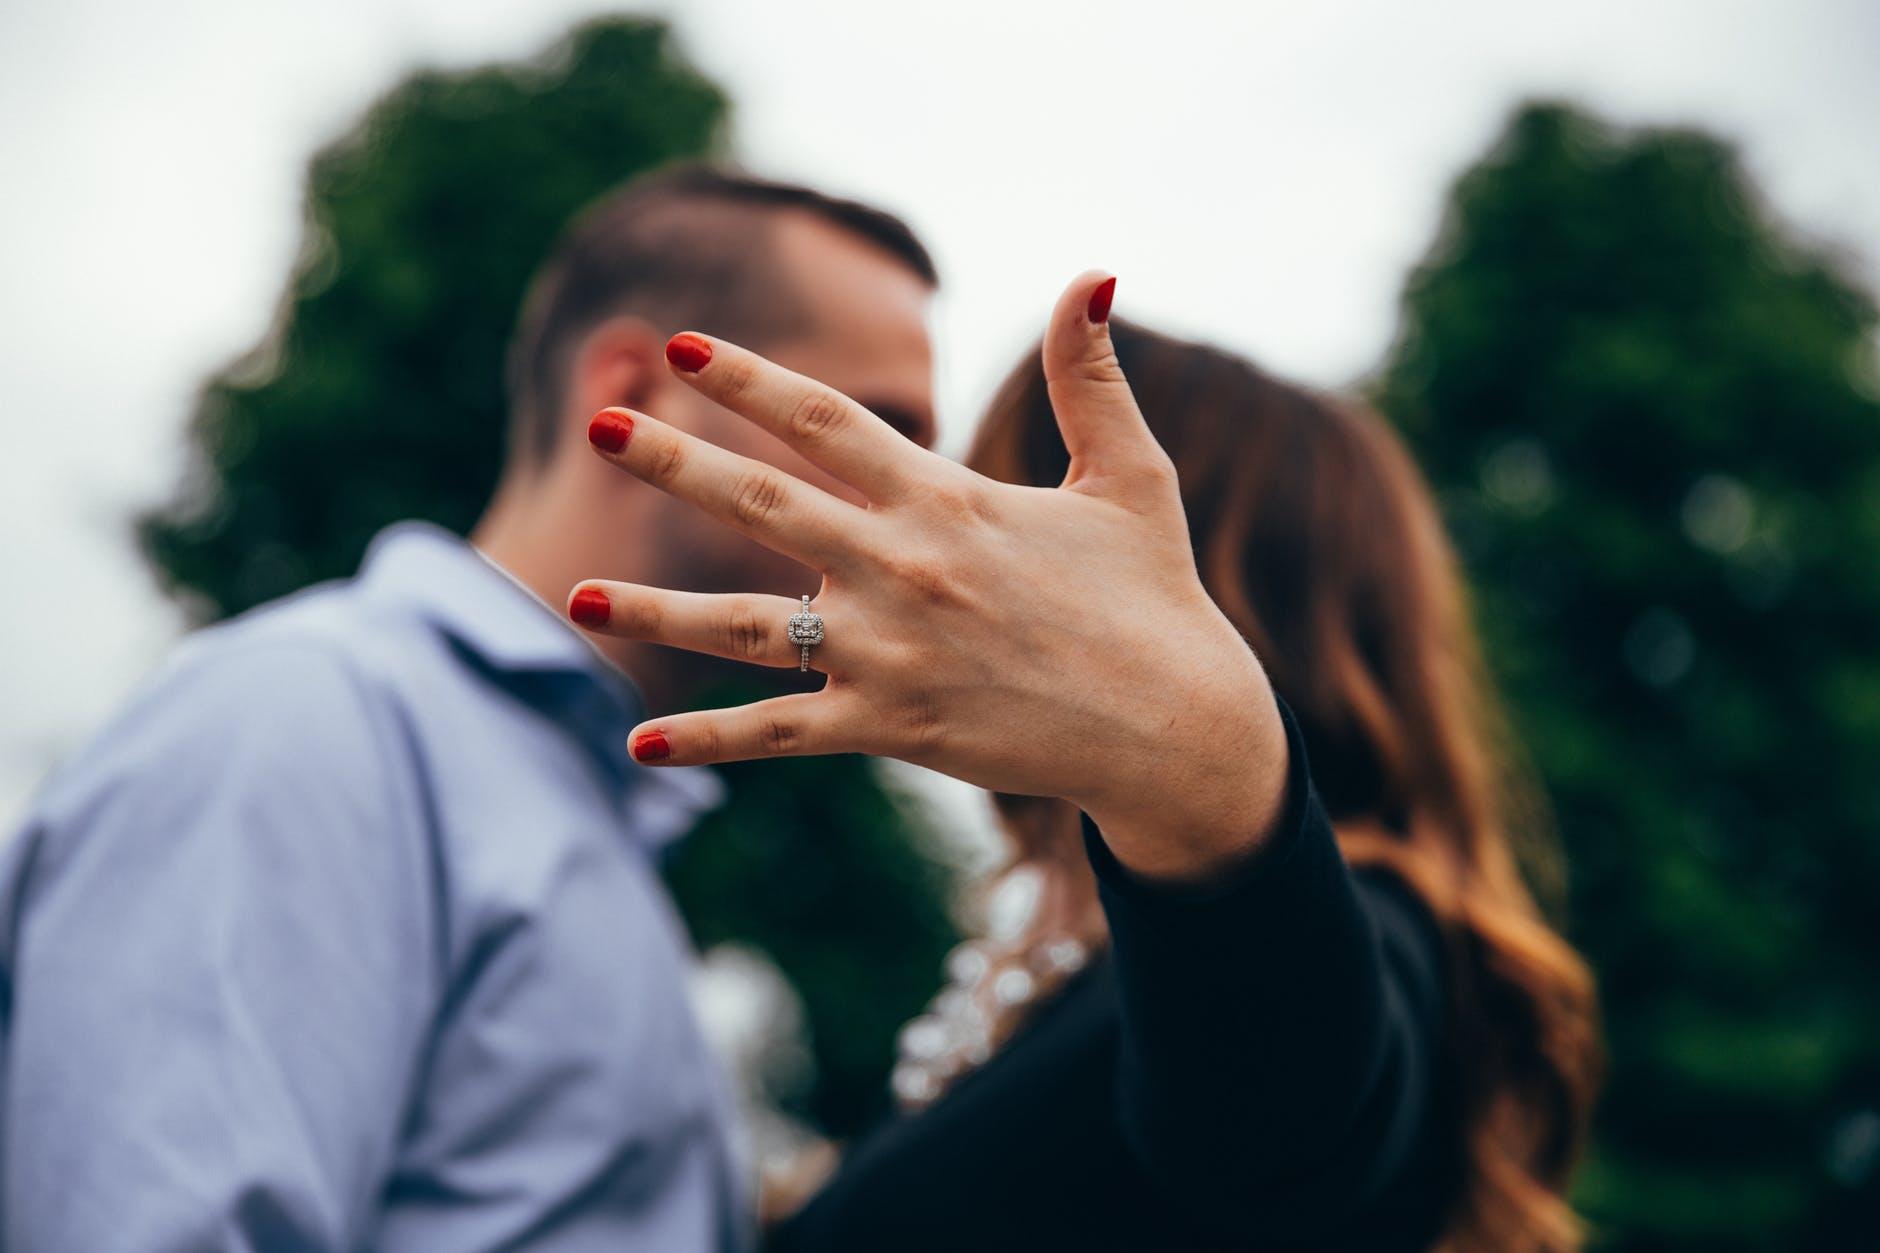 Fidanzati ai tempi del coronavirus: sono congiunti? | Tiziano Solignani